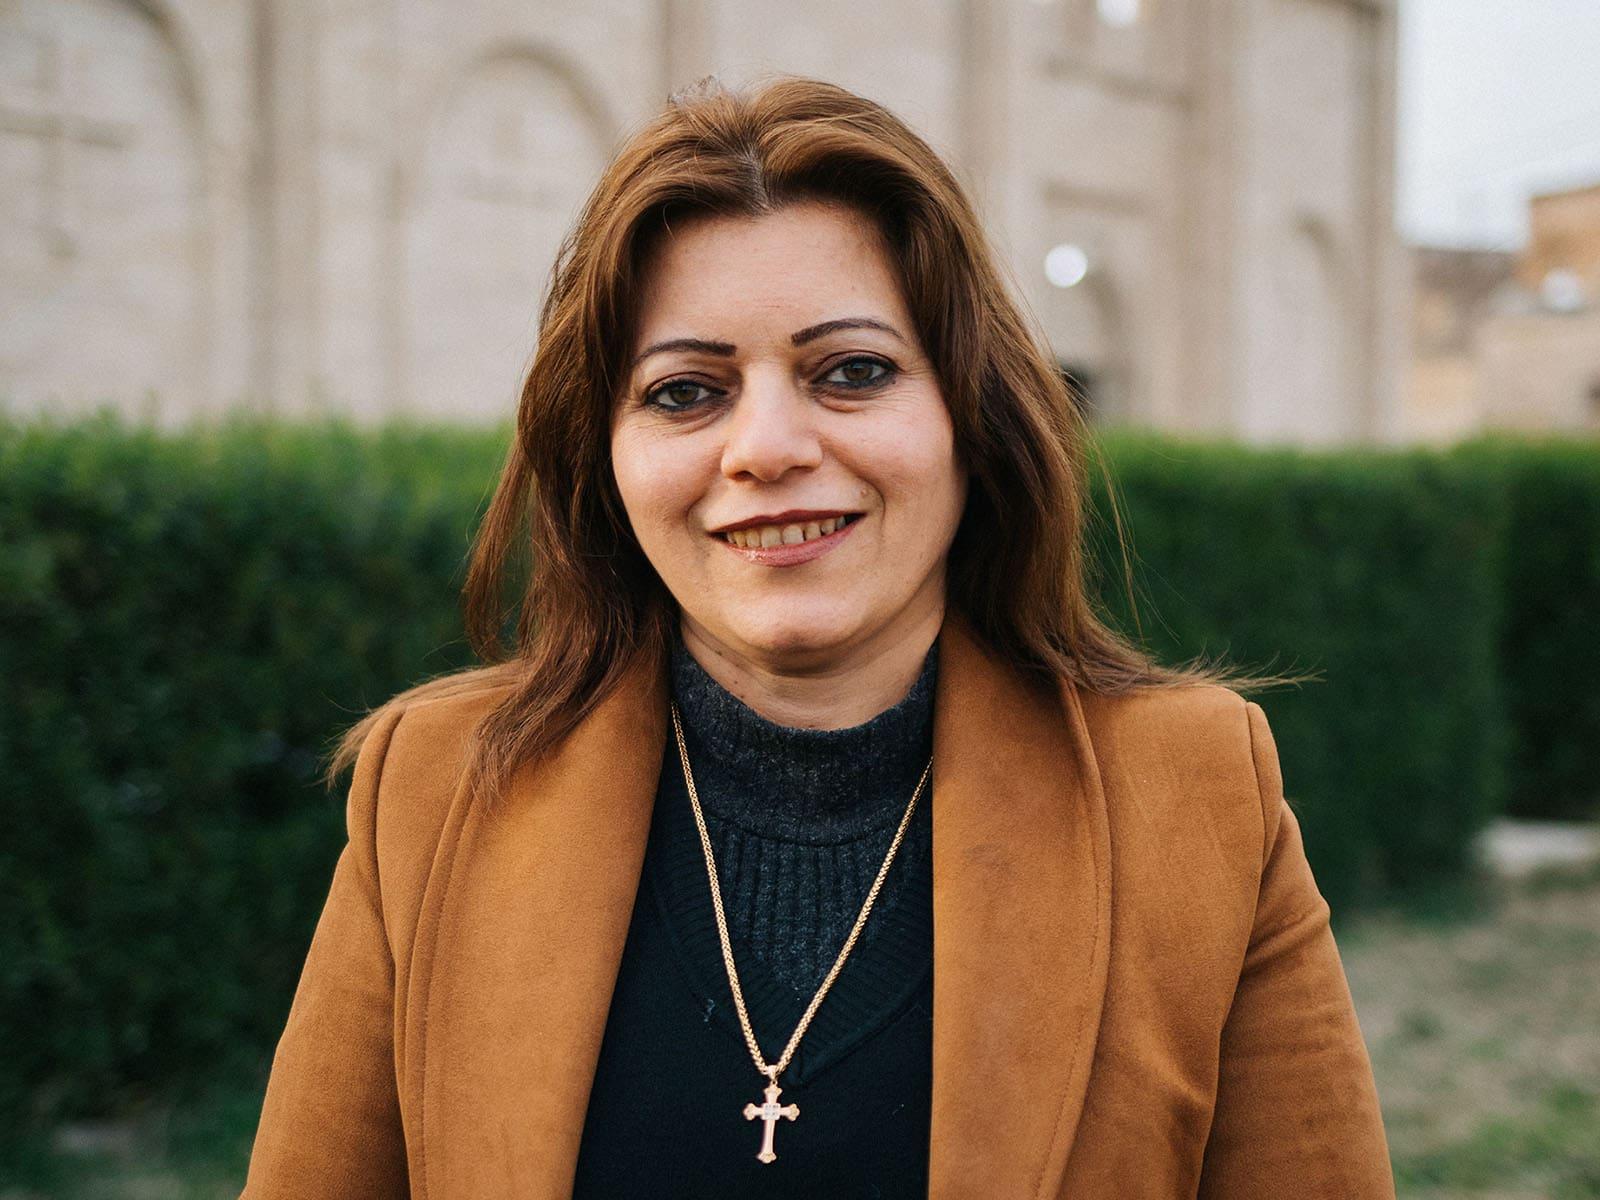 Irakilainen kristitty nainen pysyy kotimaassaan hymyilee kameralle